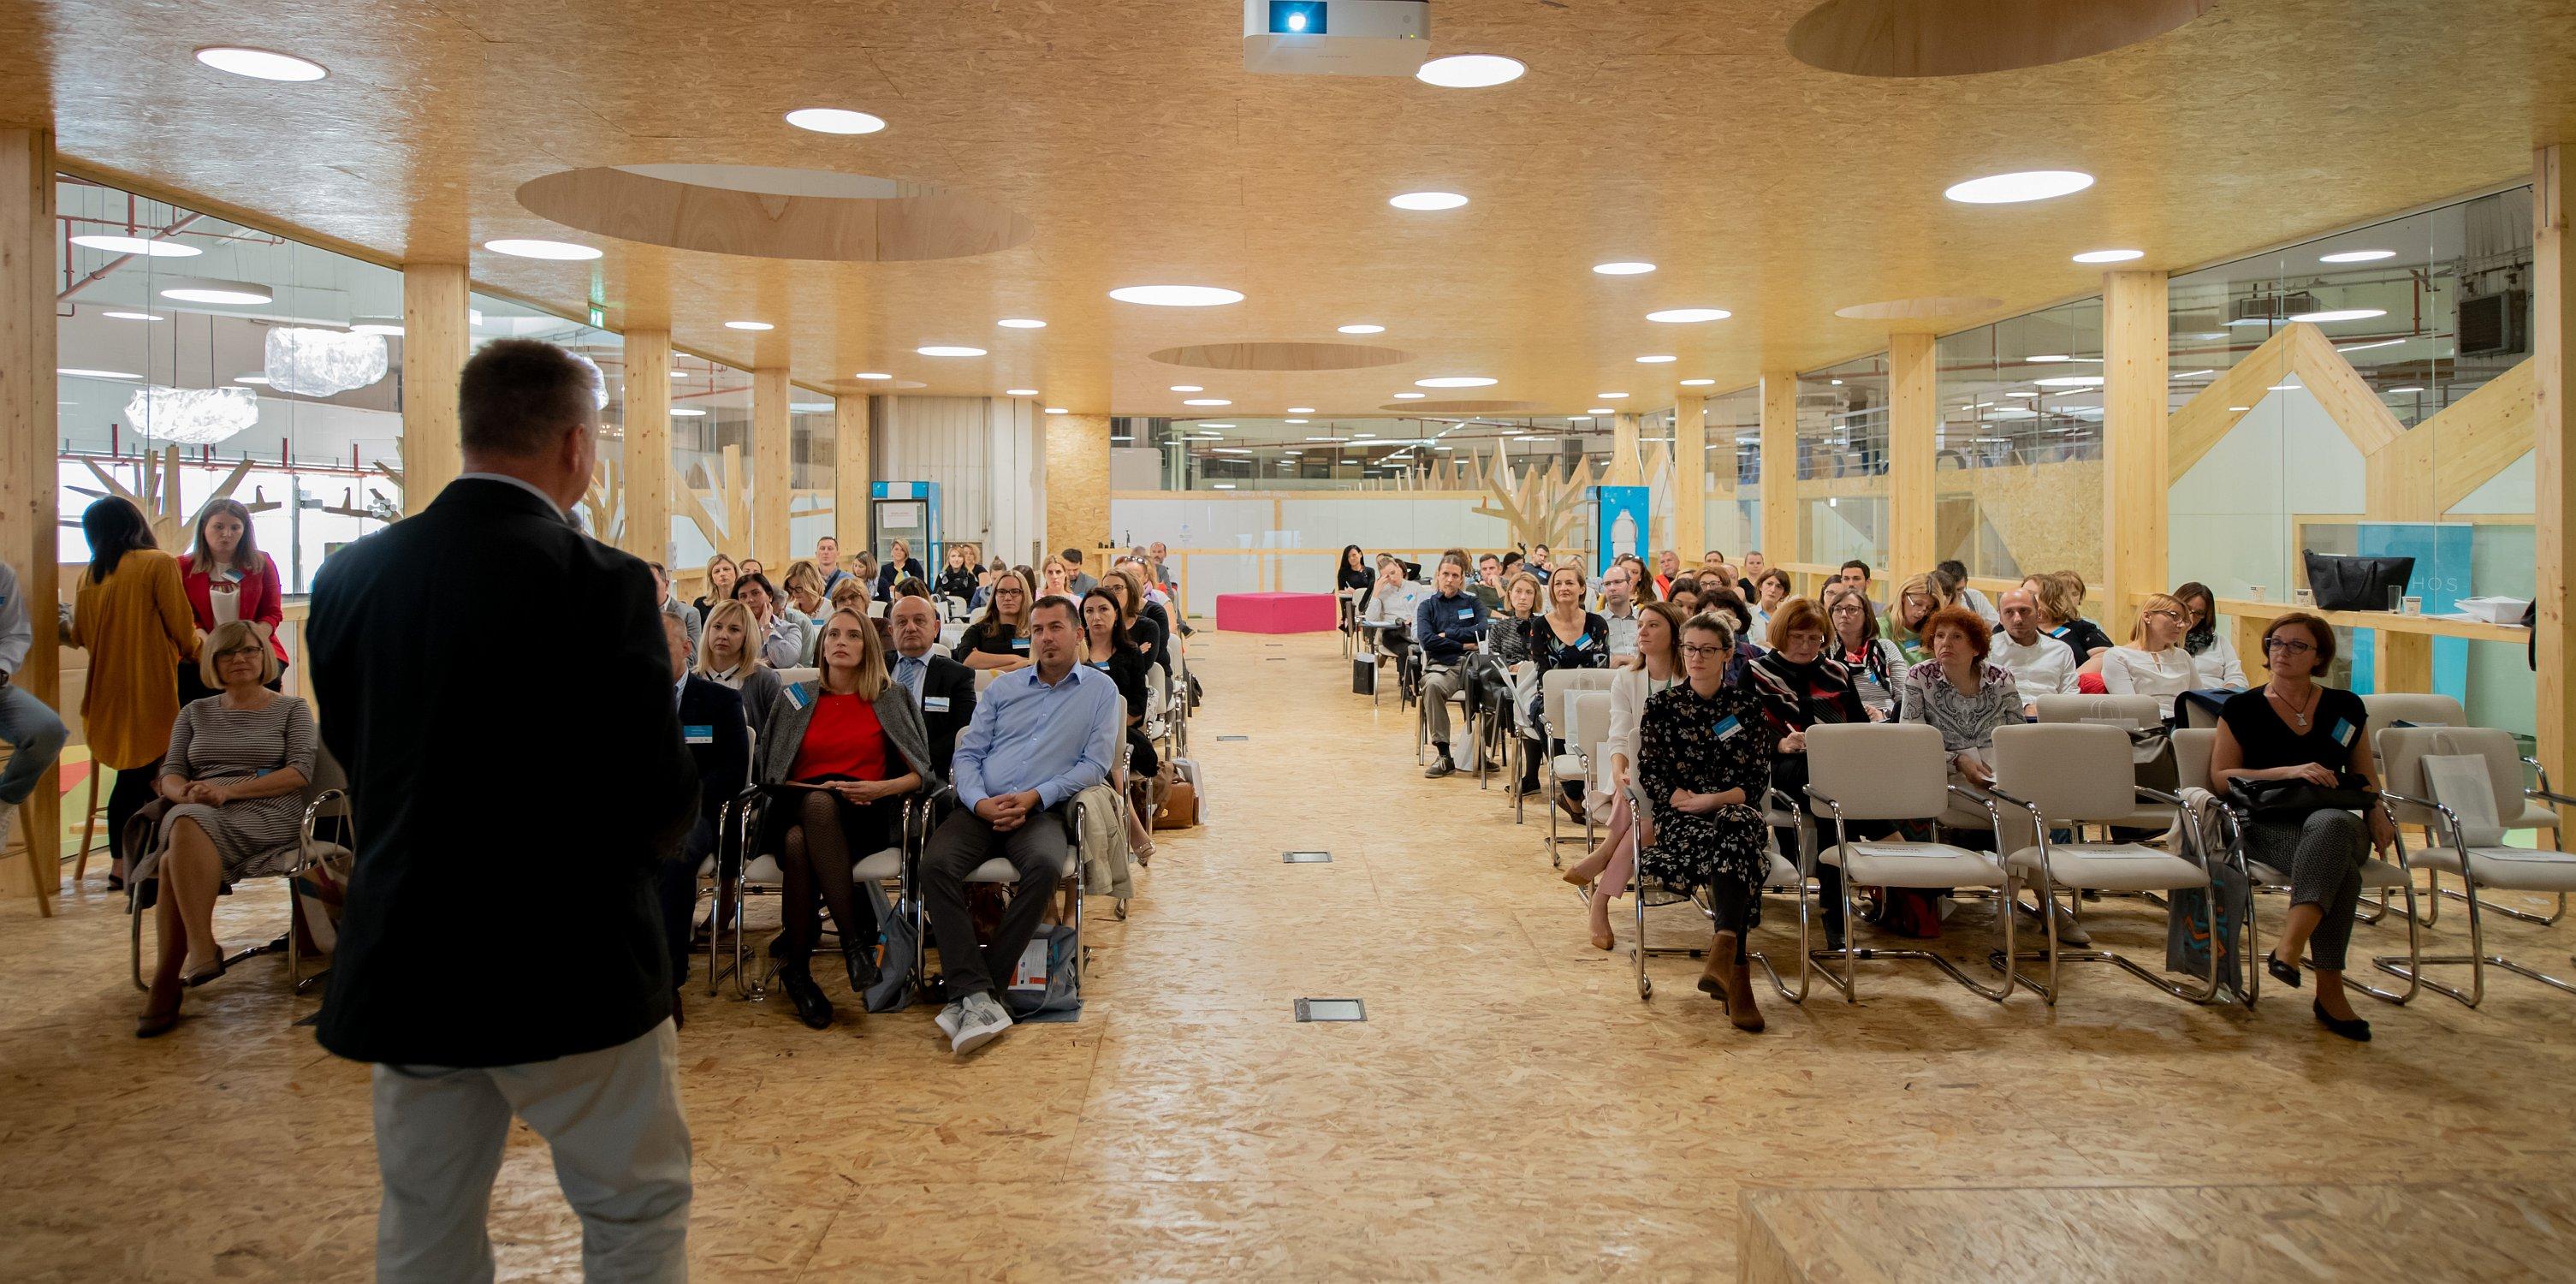 Dan inspiracije – Inspirativne ideje za Erasmus+ u području strukovnog obrazovanja i osposobljavanja - Slika 1